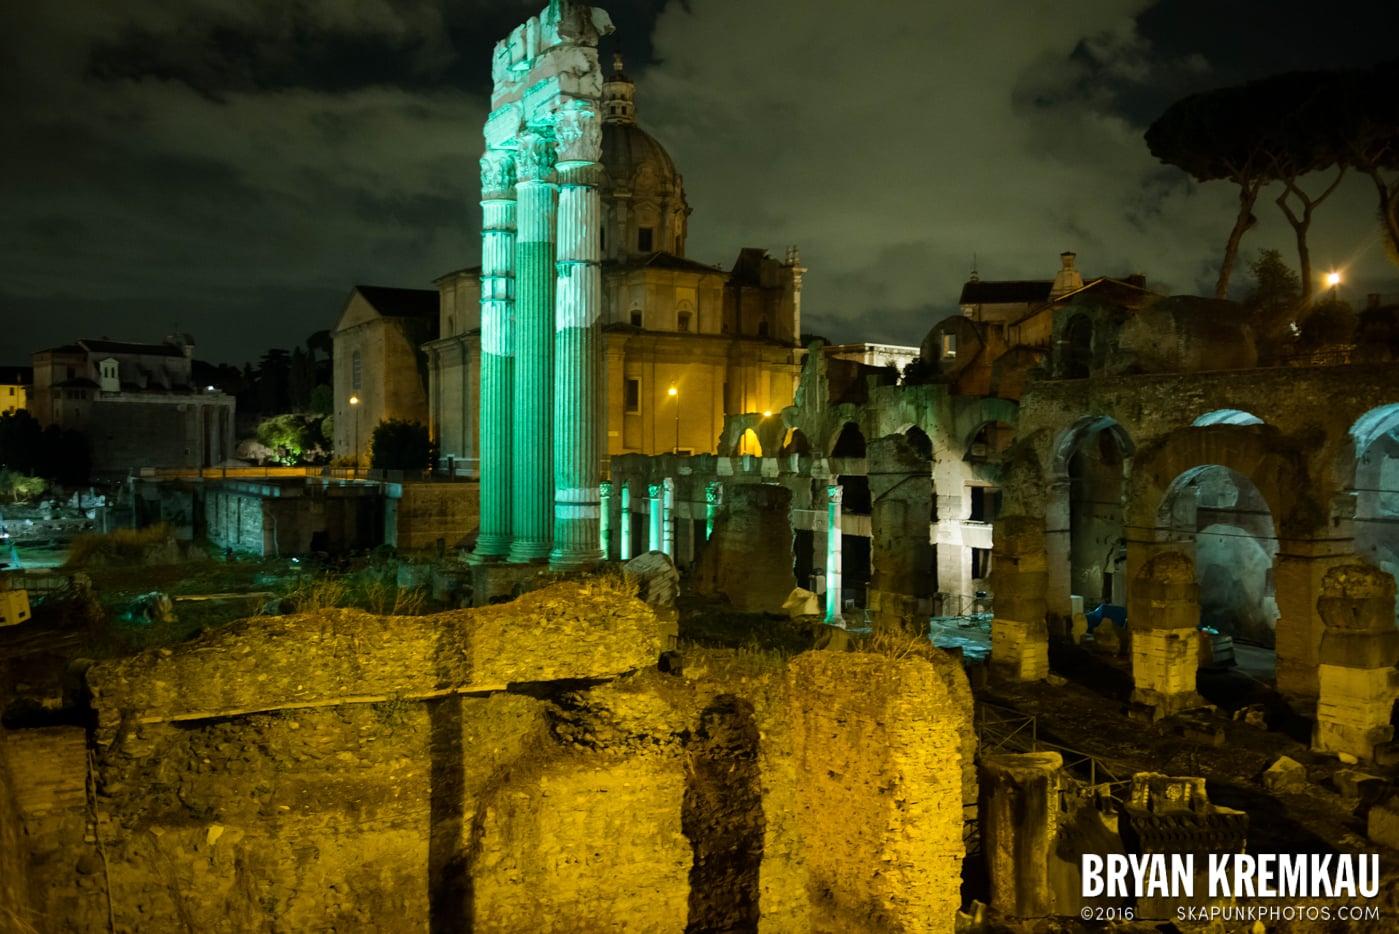 Italy Vacation - Day 2: Rome - 9.10.13 (9)